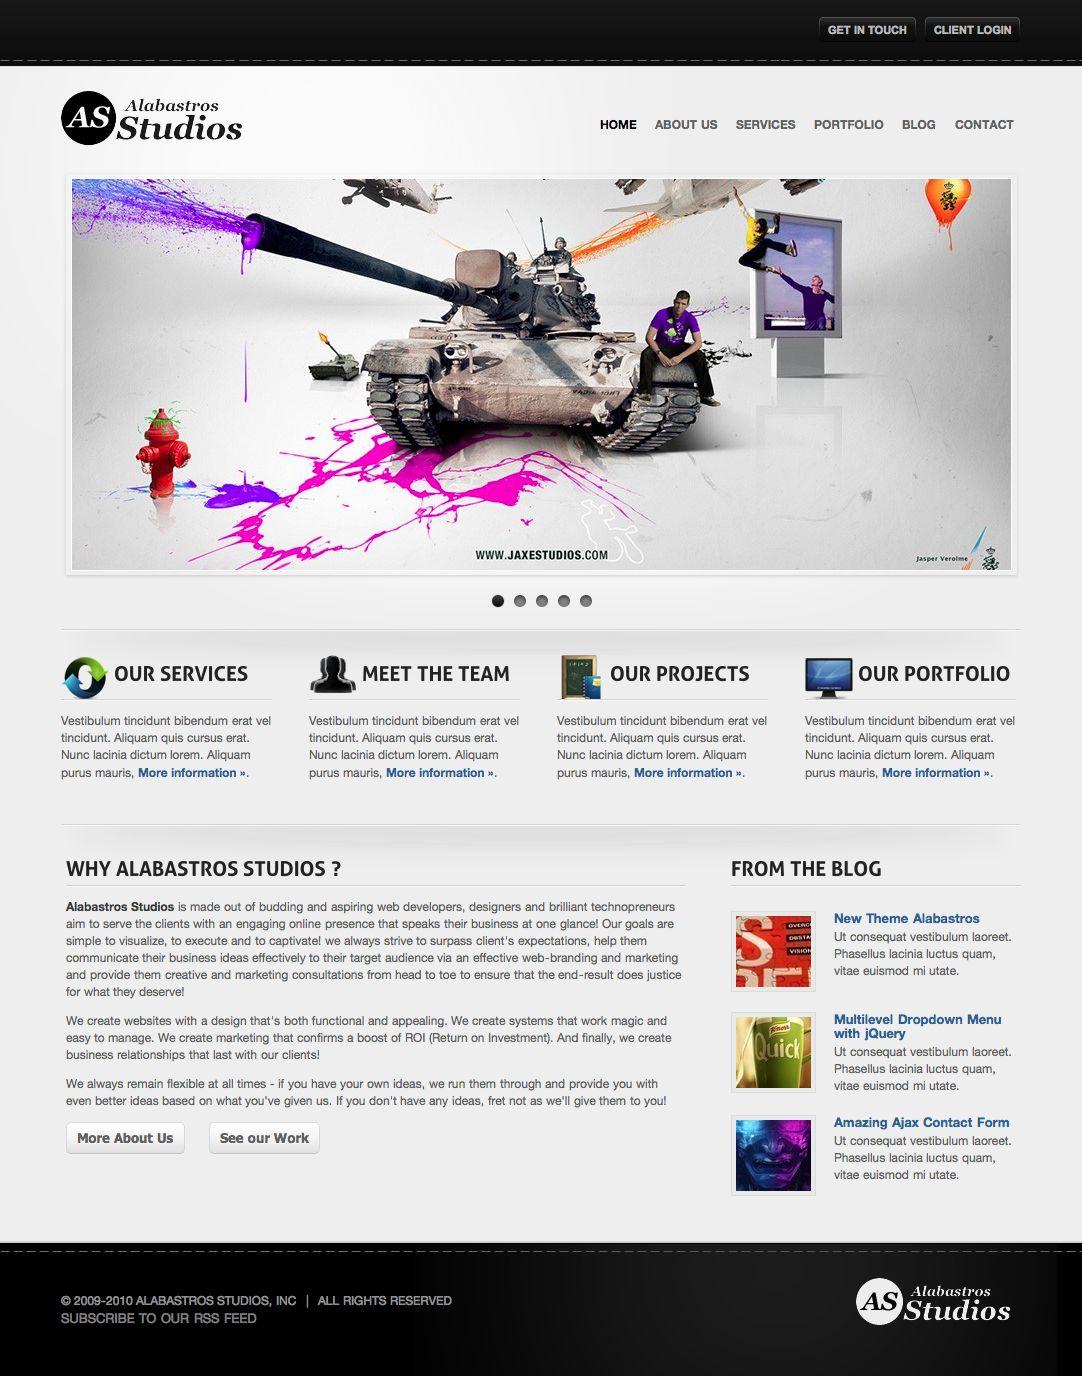 http://3.s3.envato.com/files/2325176/Screenshots/02_Home1.jpg